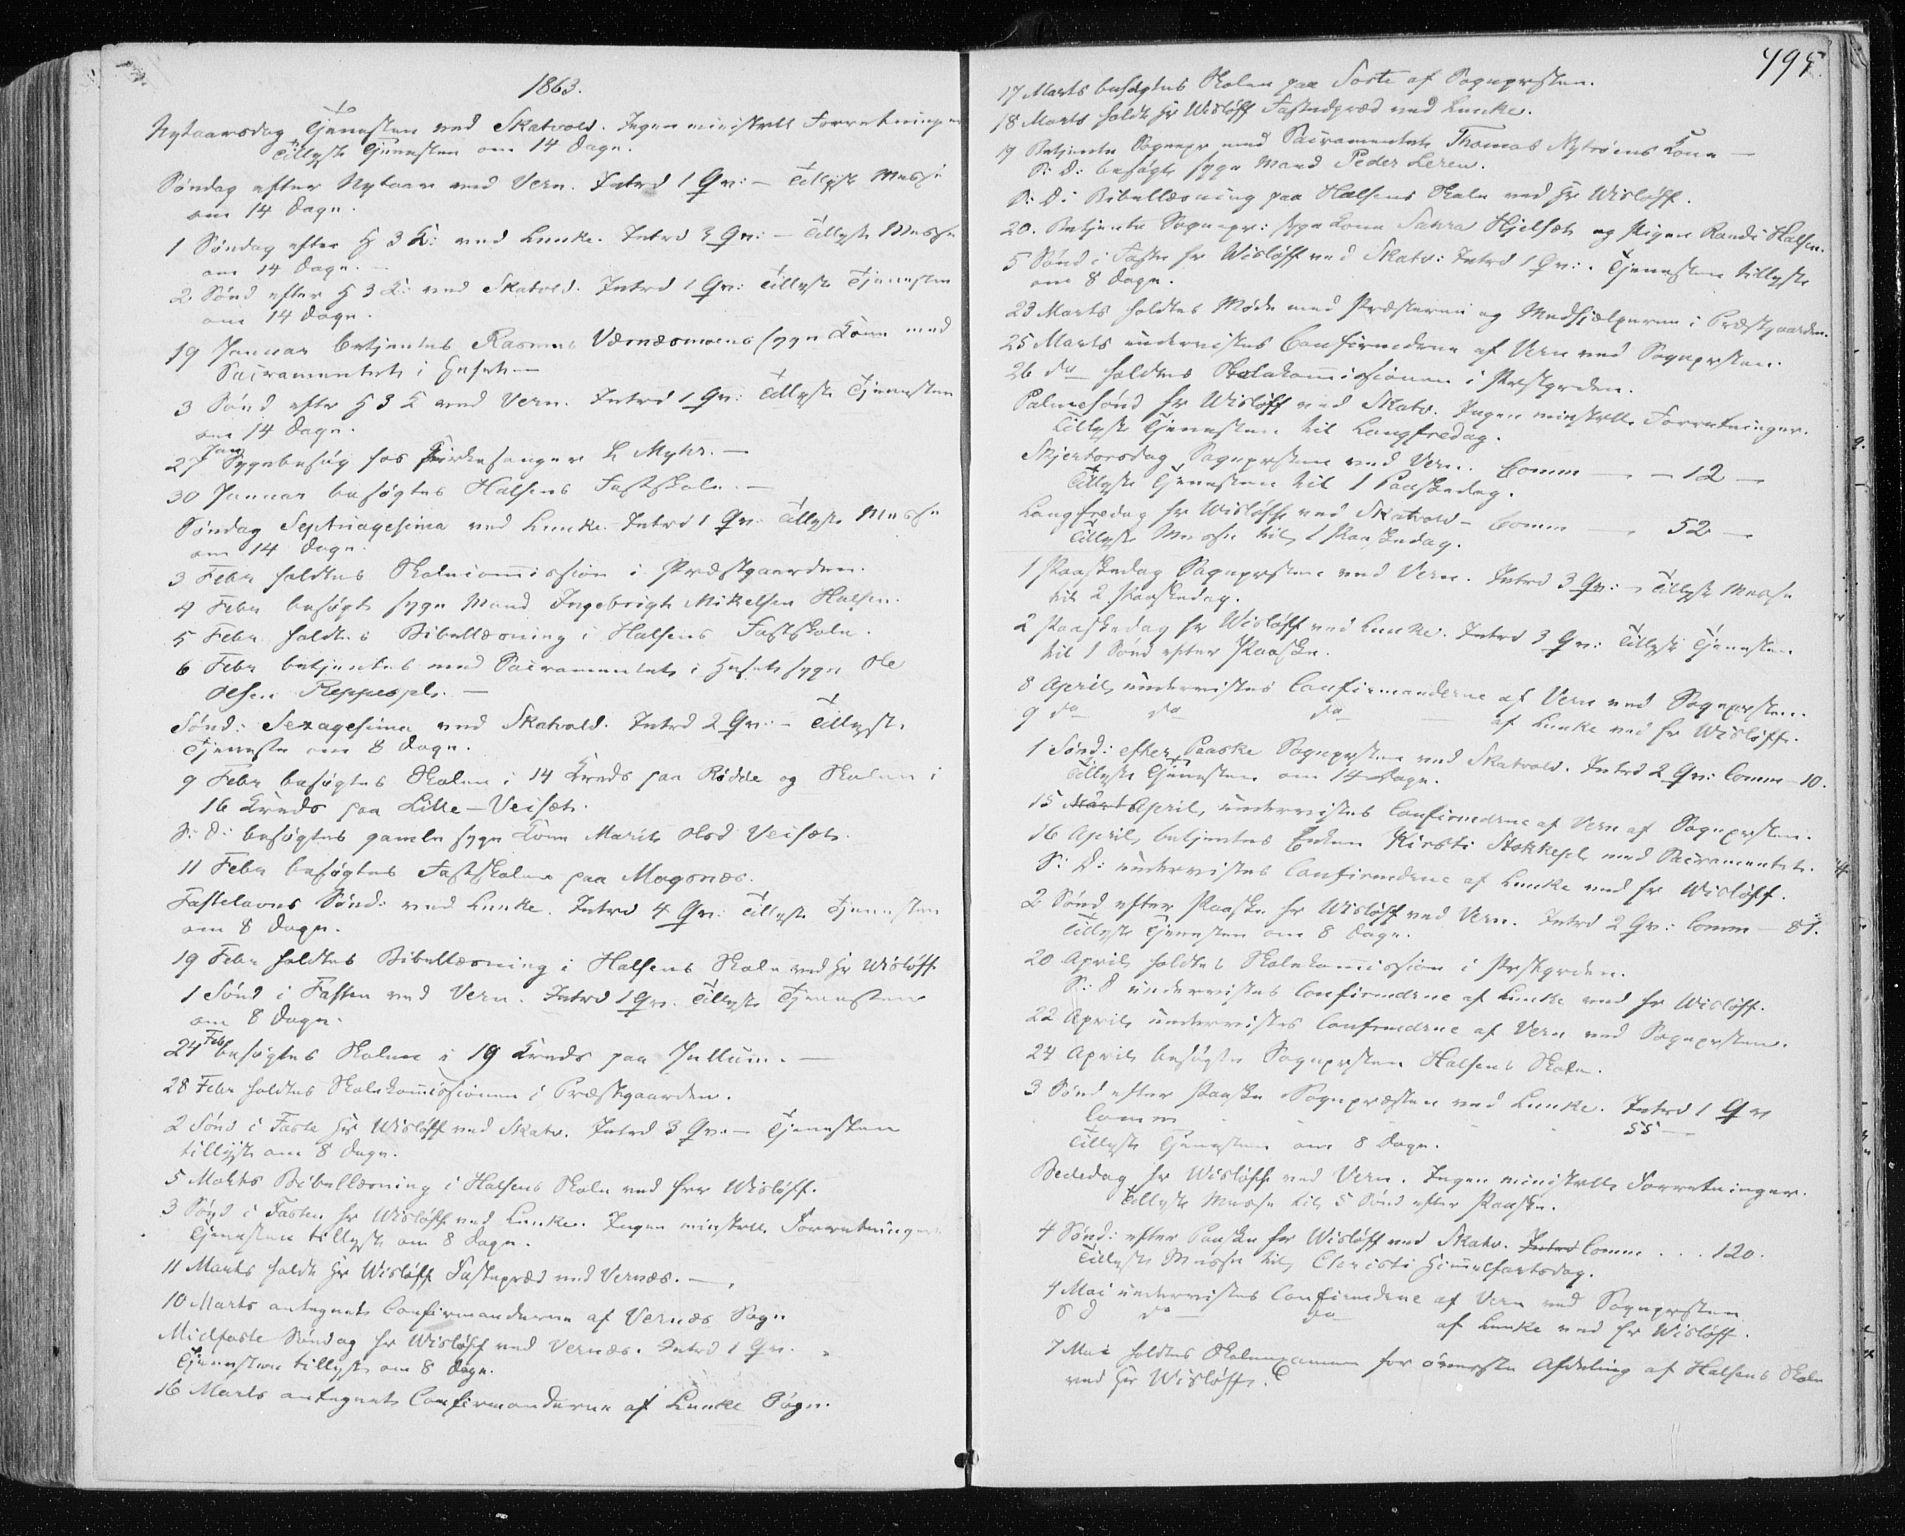 SAT, Ministerialprotokoller, klokkerbøker og fødselsregistre - Nord-Trøndelag, 709/L0075: Ministerialbok nr. 709A15, 1859-1870, s. 495